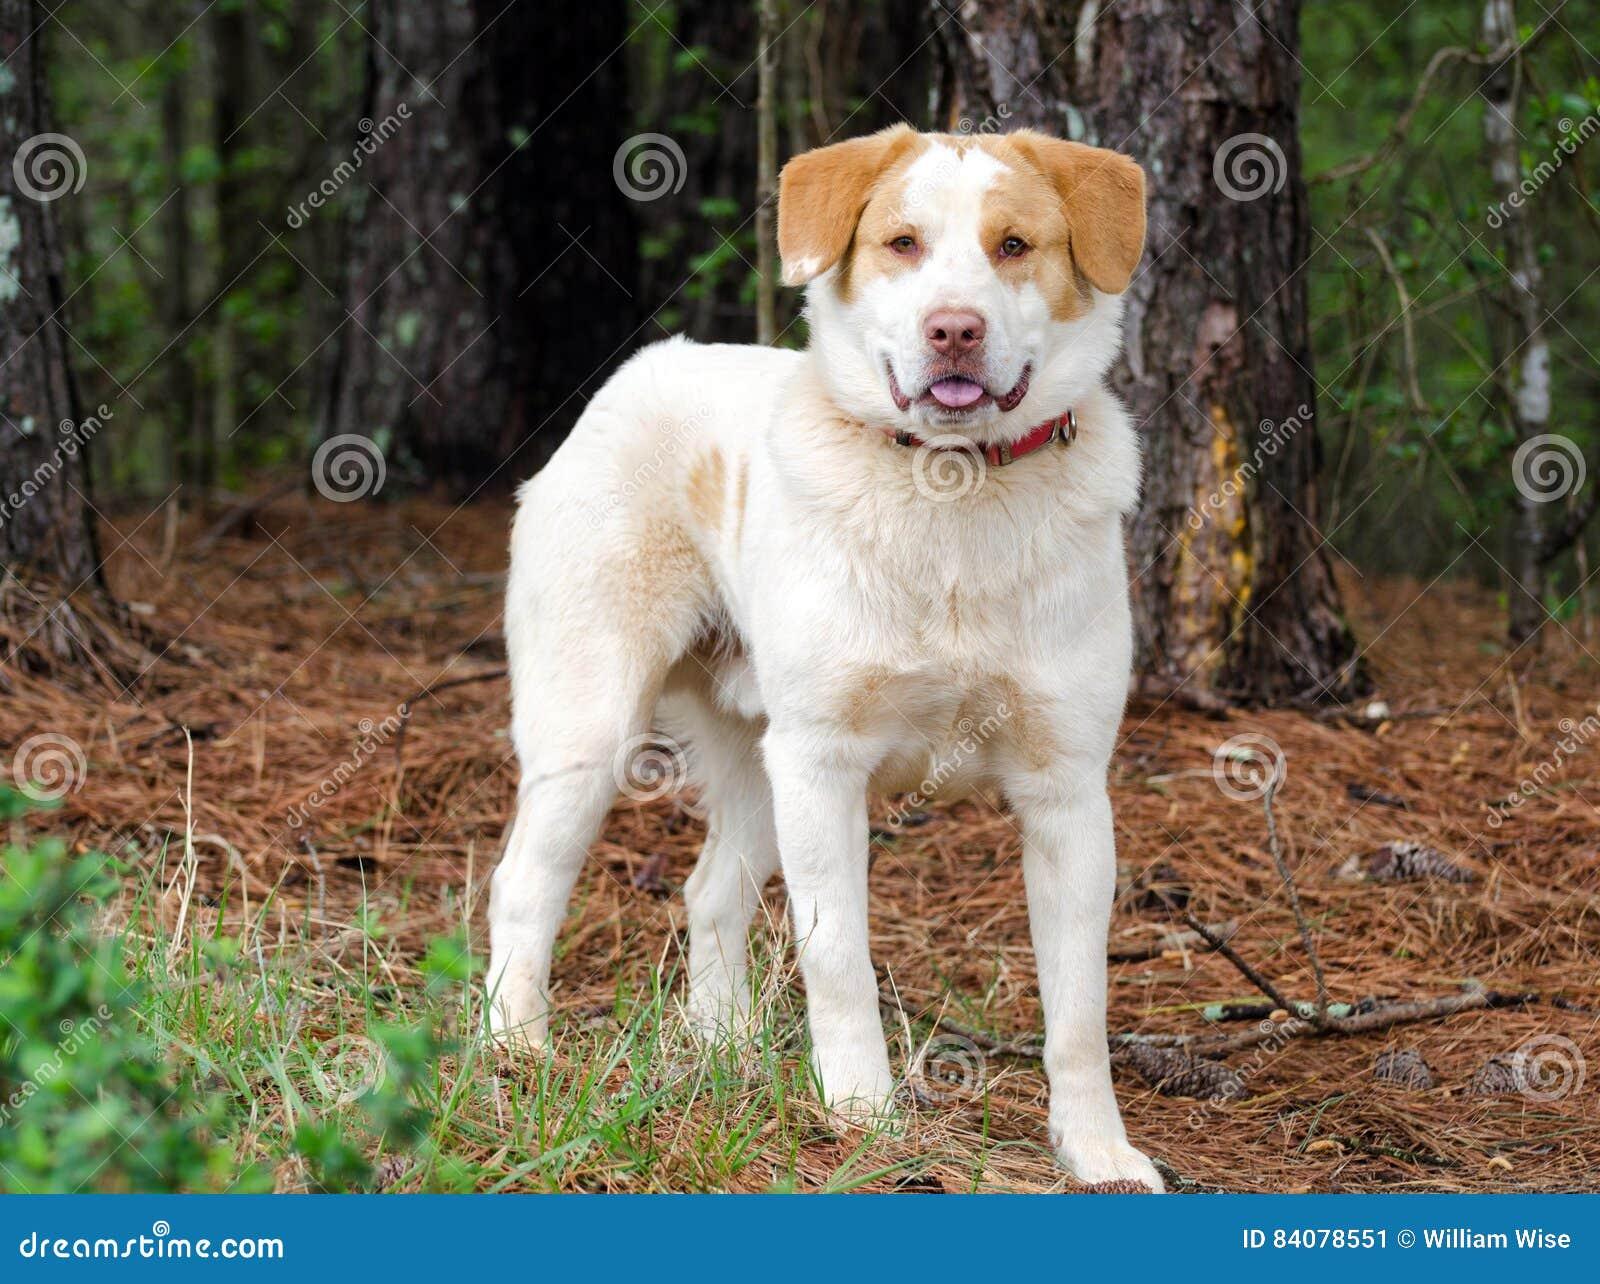 Golden Retriever Anatolischer Schäfer Mixed Breed Dog Stockbild